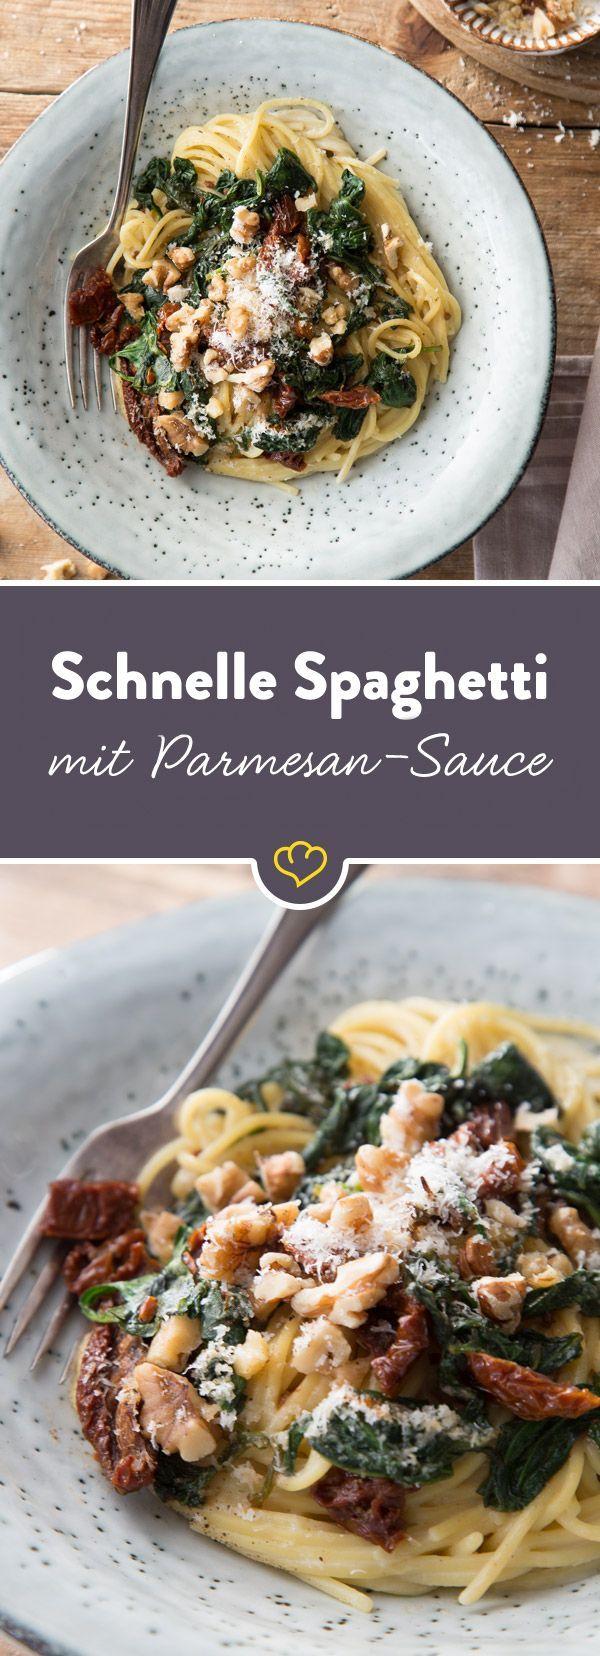 Wenn es schnell gehen muss: Diese Pasta ist ruckzuck tellerfertig und füllt den Magen mit einer cremigen Nudelsauce, getrockneten Tomaten und Walnüssen.